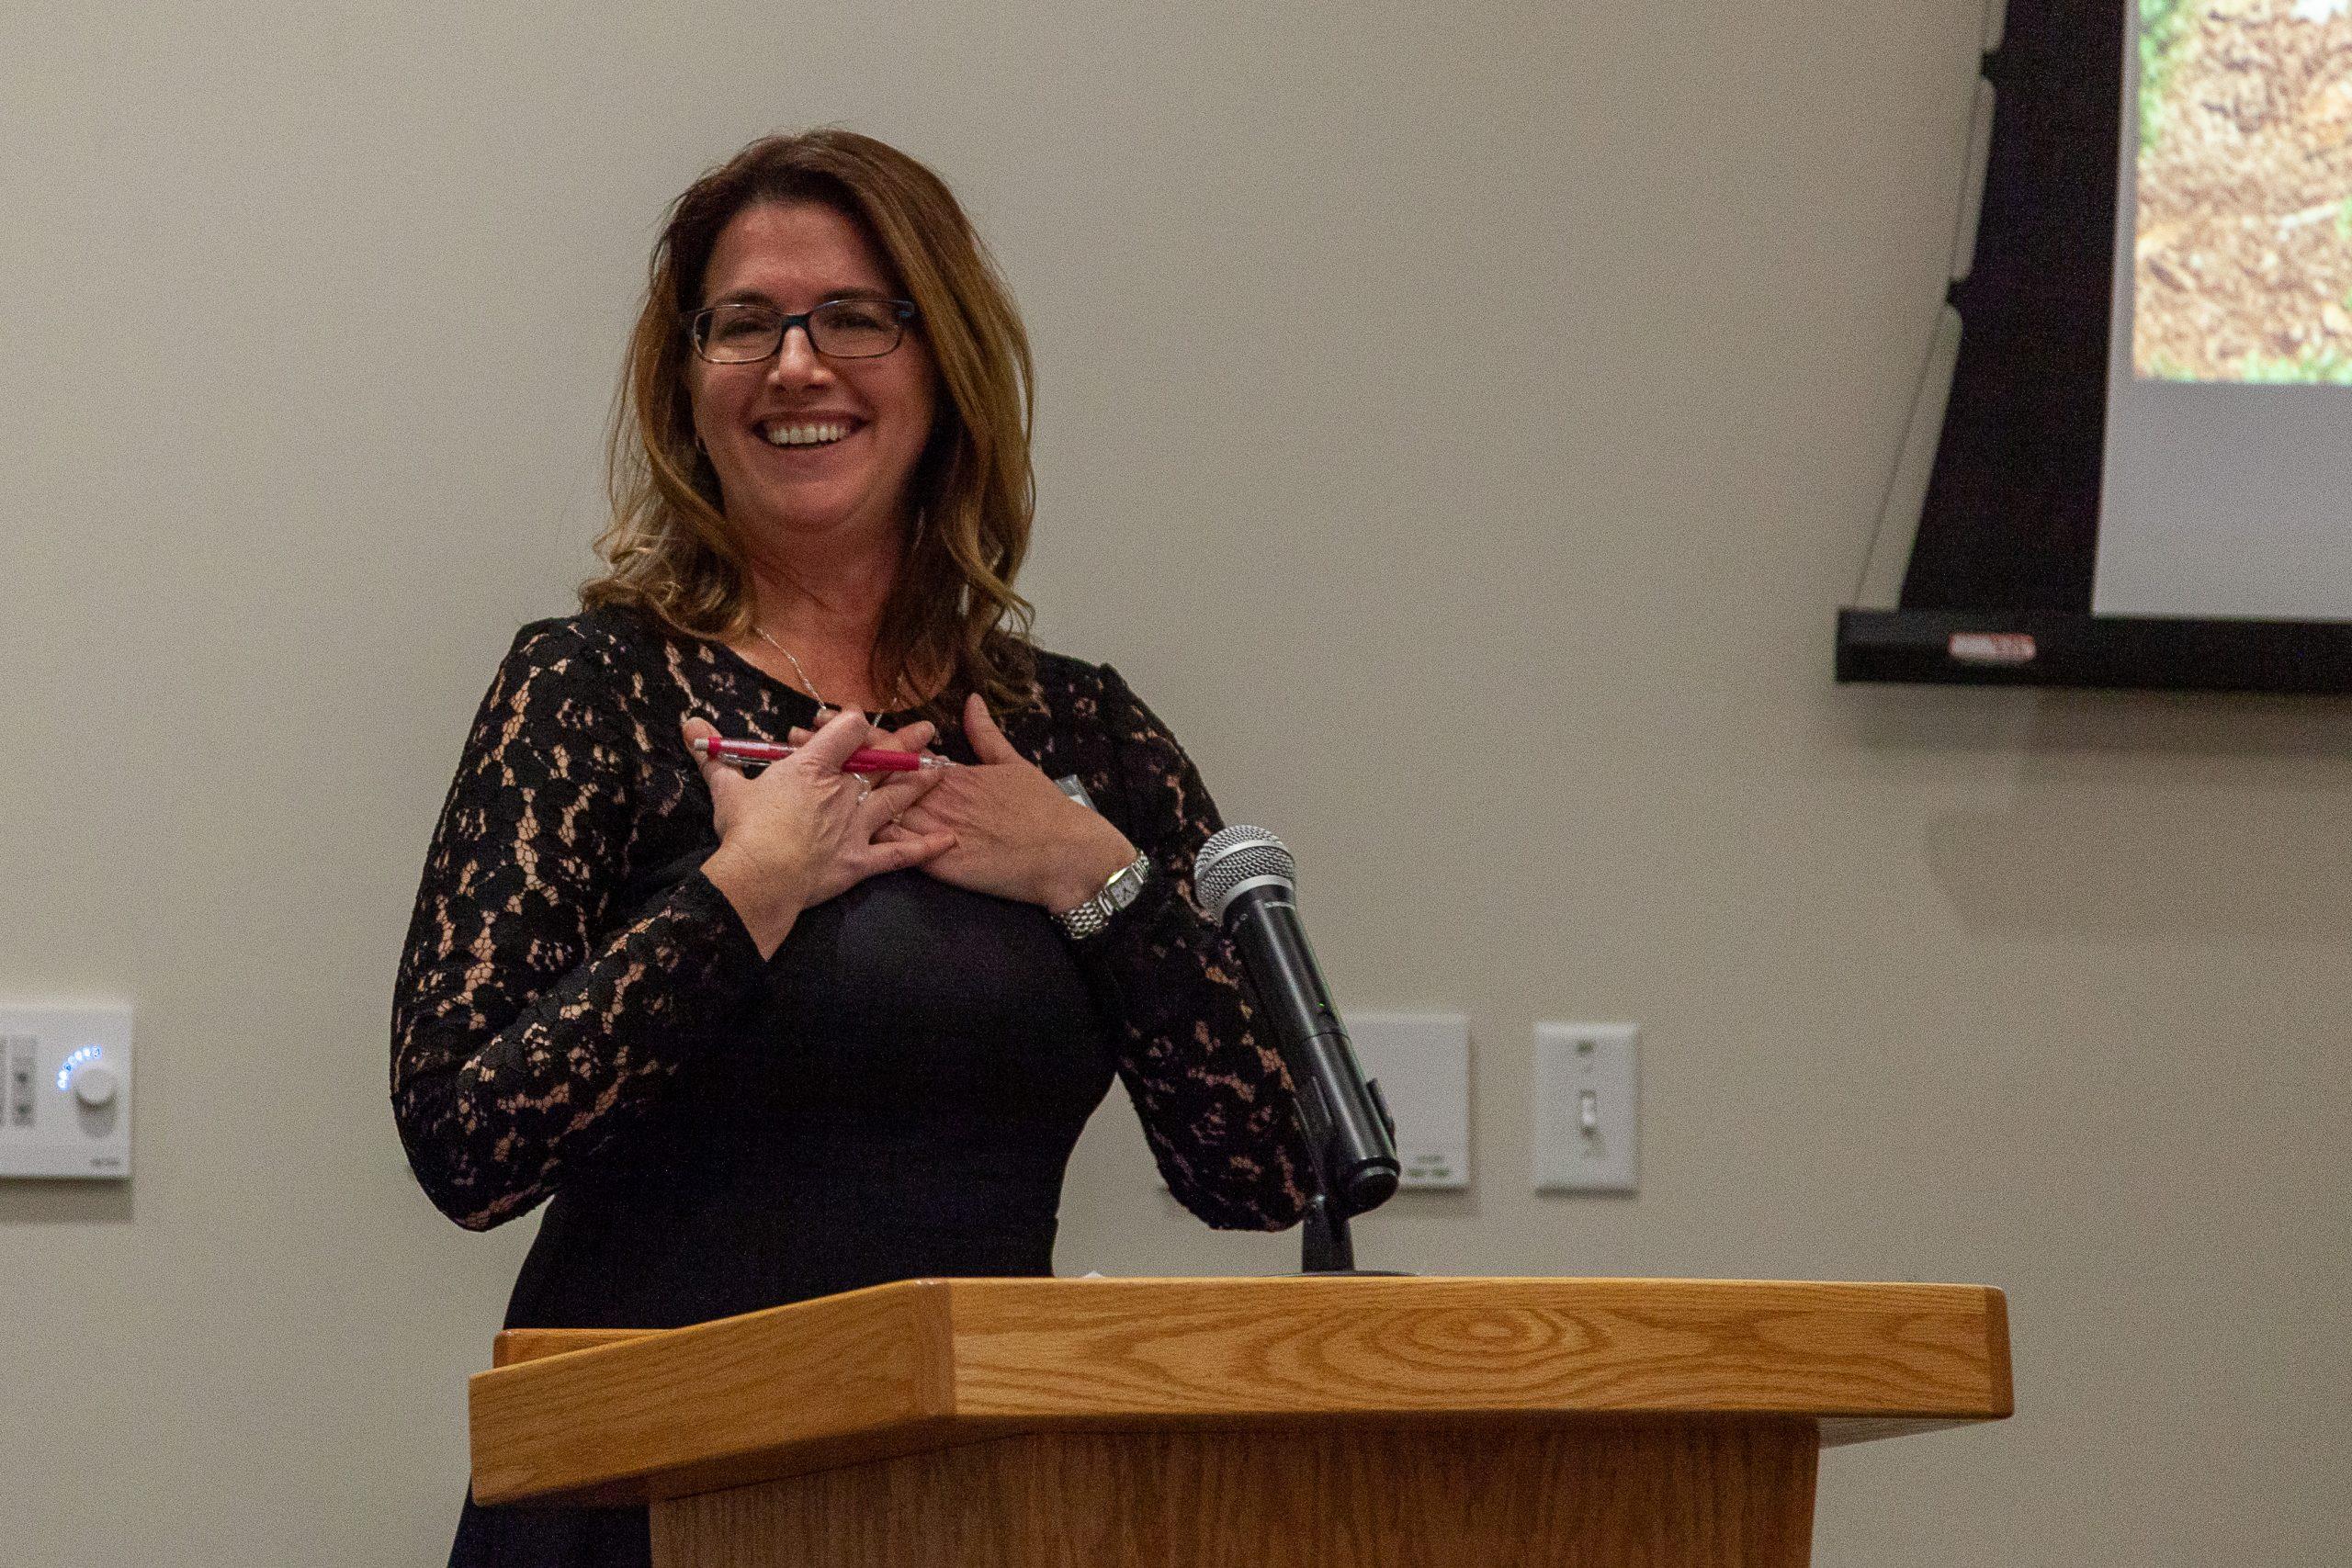 Jill at the podium.